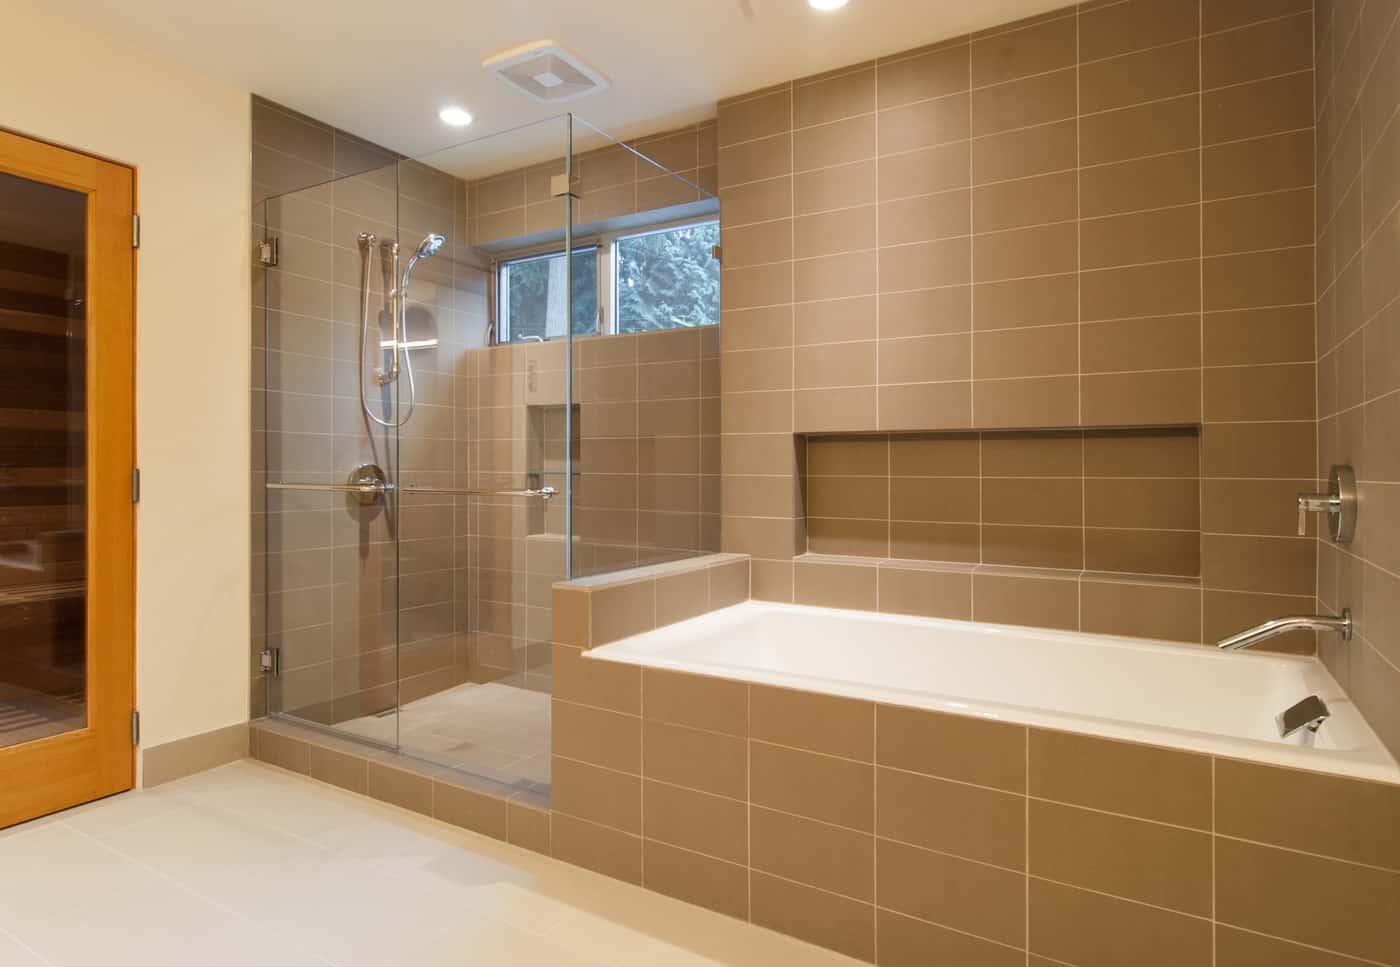 Superbe How To Tile A Bathroom Interior Design